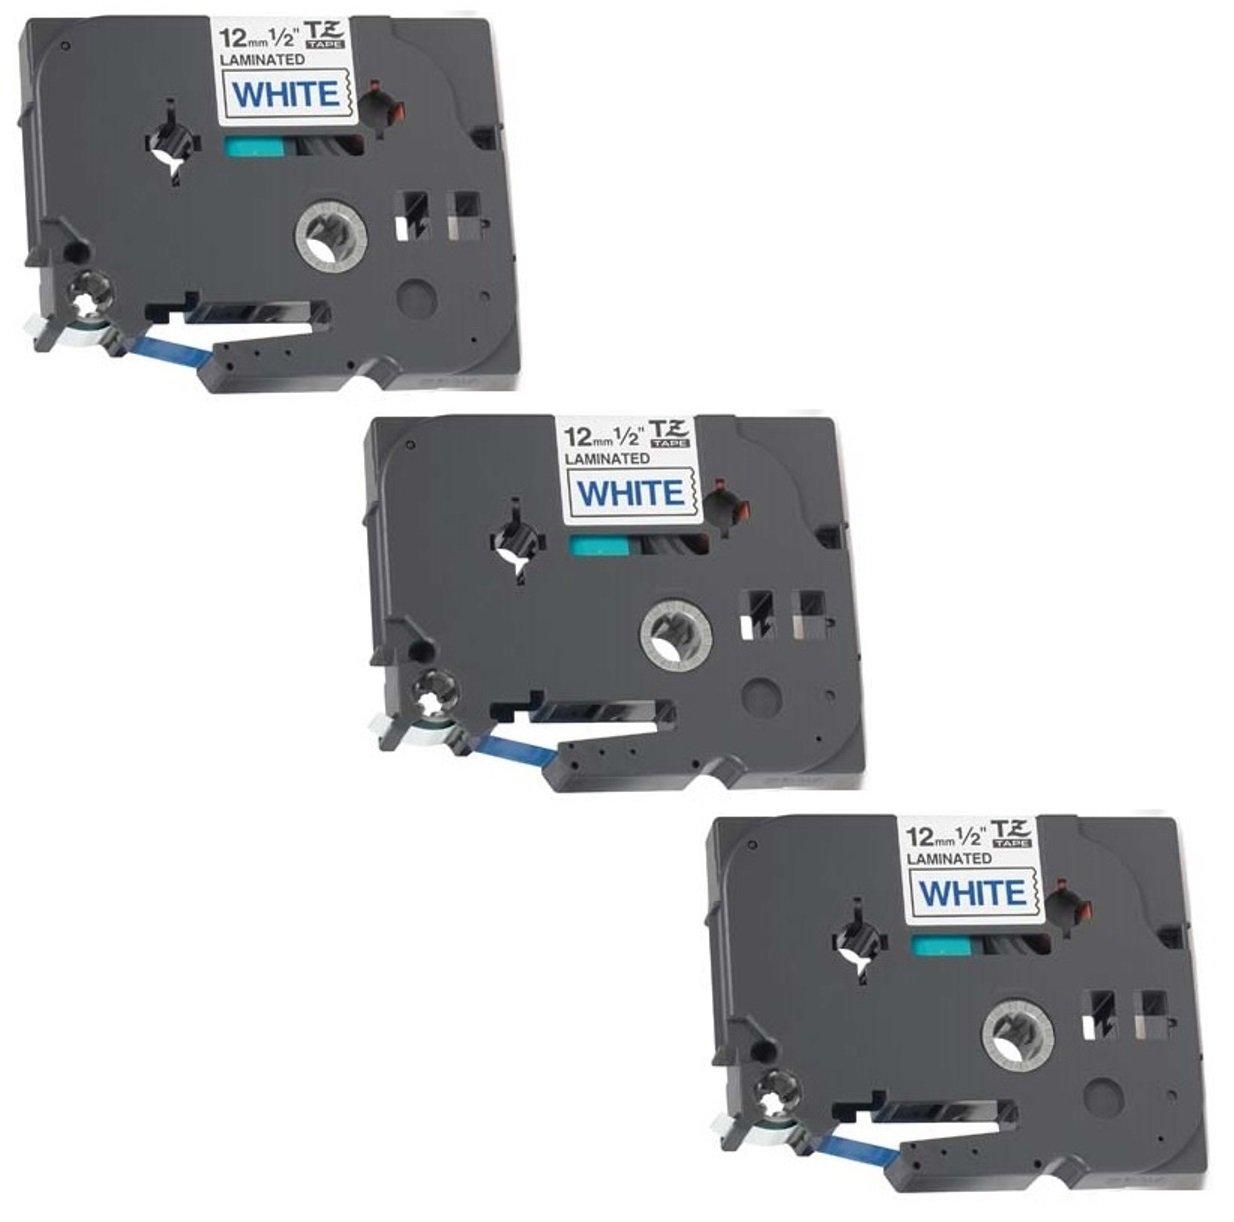 5x Nastro per Etichette compatibile per TZe231 / TZ231 Nero su Bianco 12mm x 8m | per Brother P-Touch PT-1000 1000P 1000BTS 1005 1010 1090 2030VP 2430PC 3600 9600 D200 D200VP D200BW D210 D210VP D400 D400VP D450VP D600VP E100 E100VP E300VP E550WVP H100LB H1